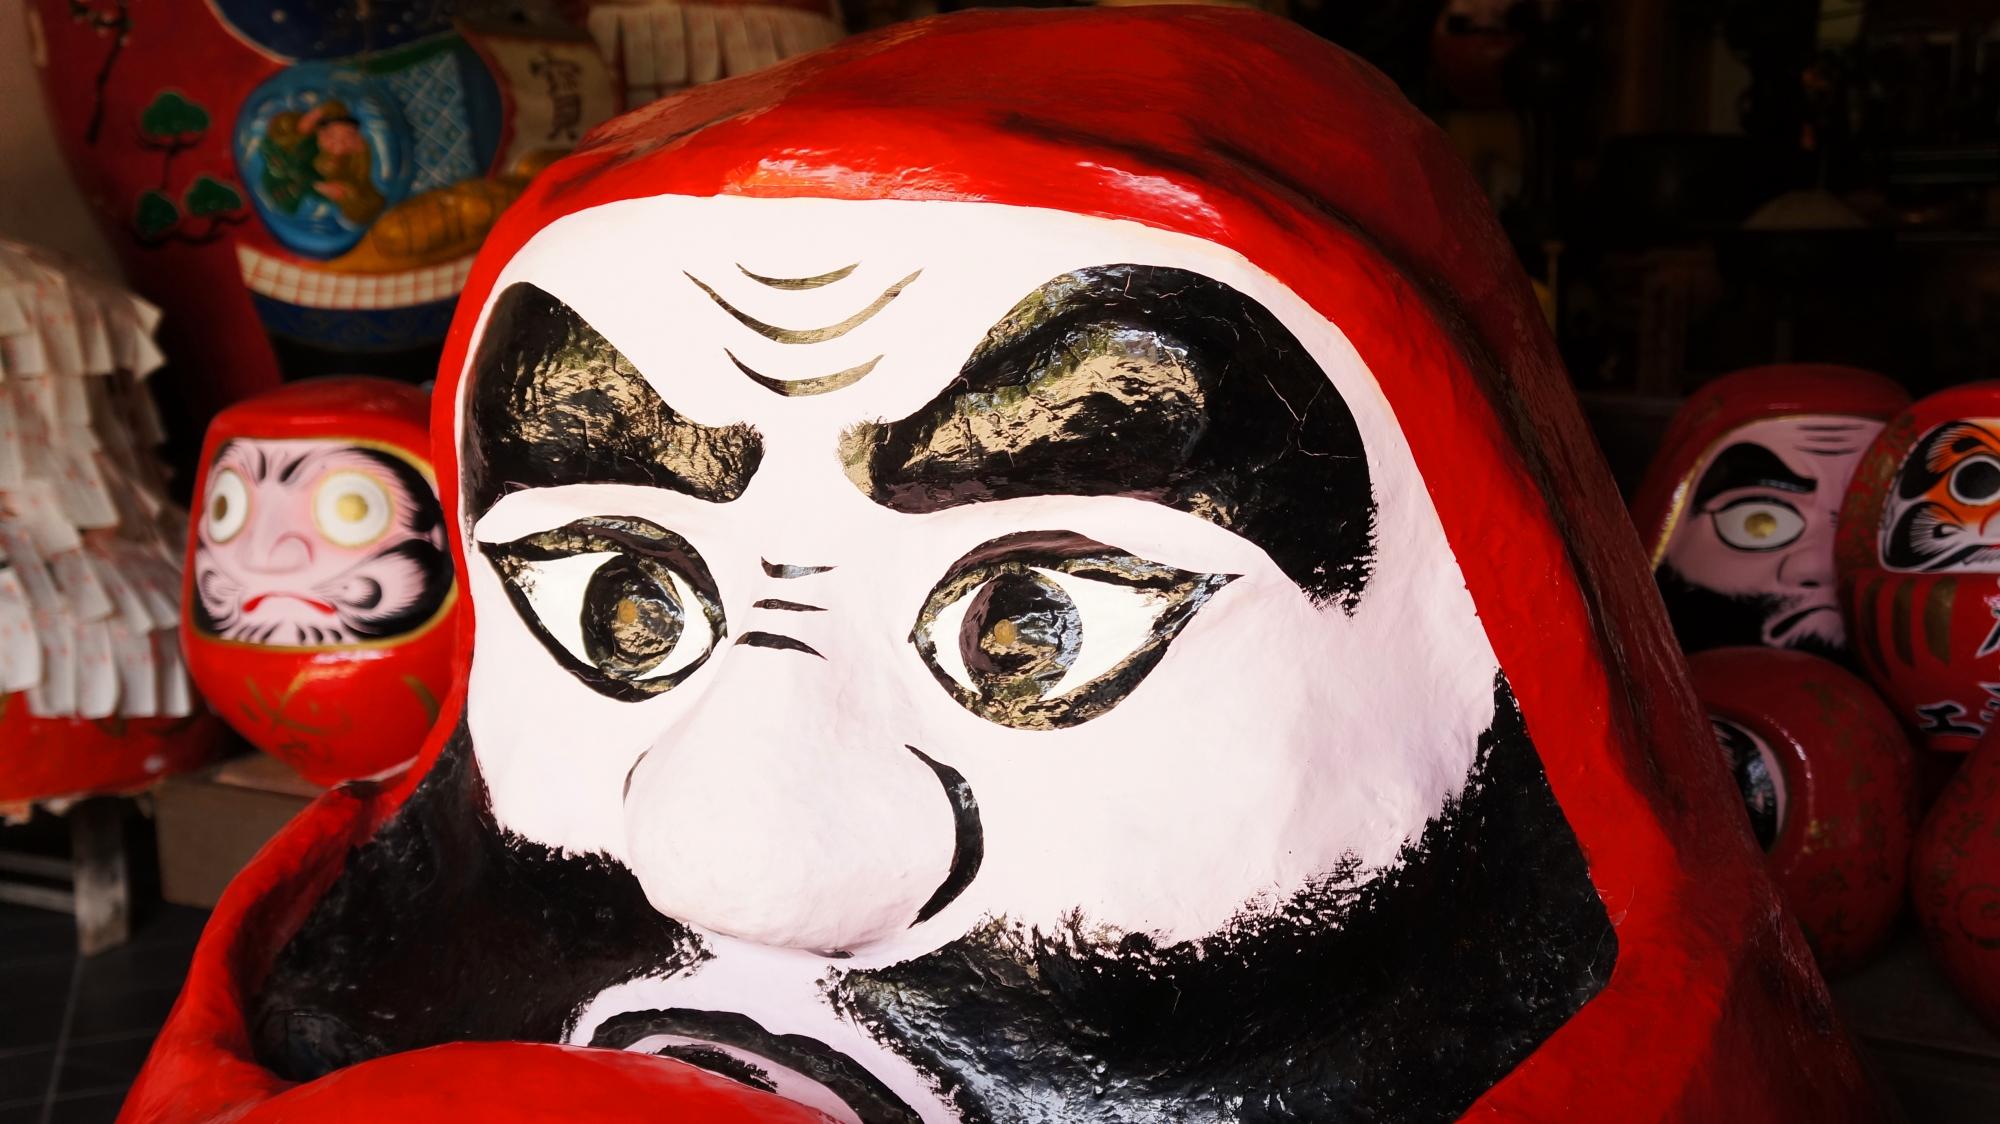 法輪寺(達磨寺)の達磨堂の立派な眉毛の大きなボスだるまさん